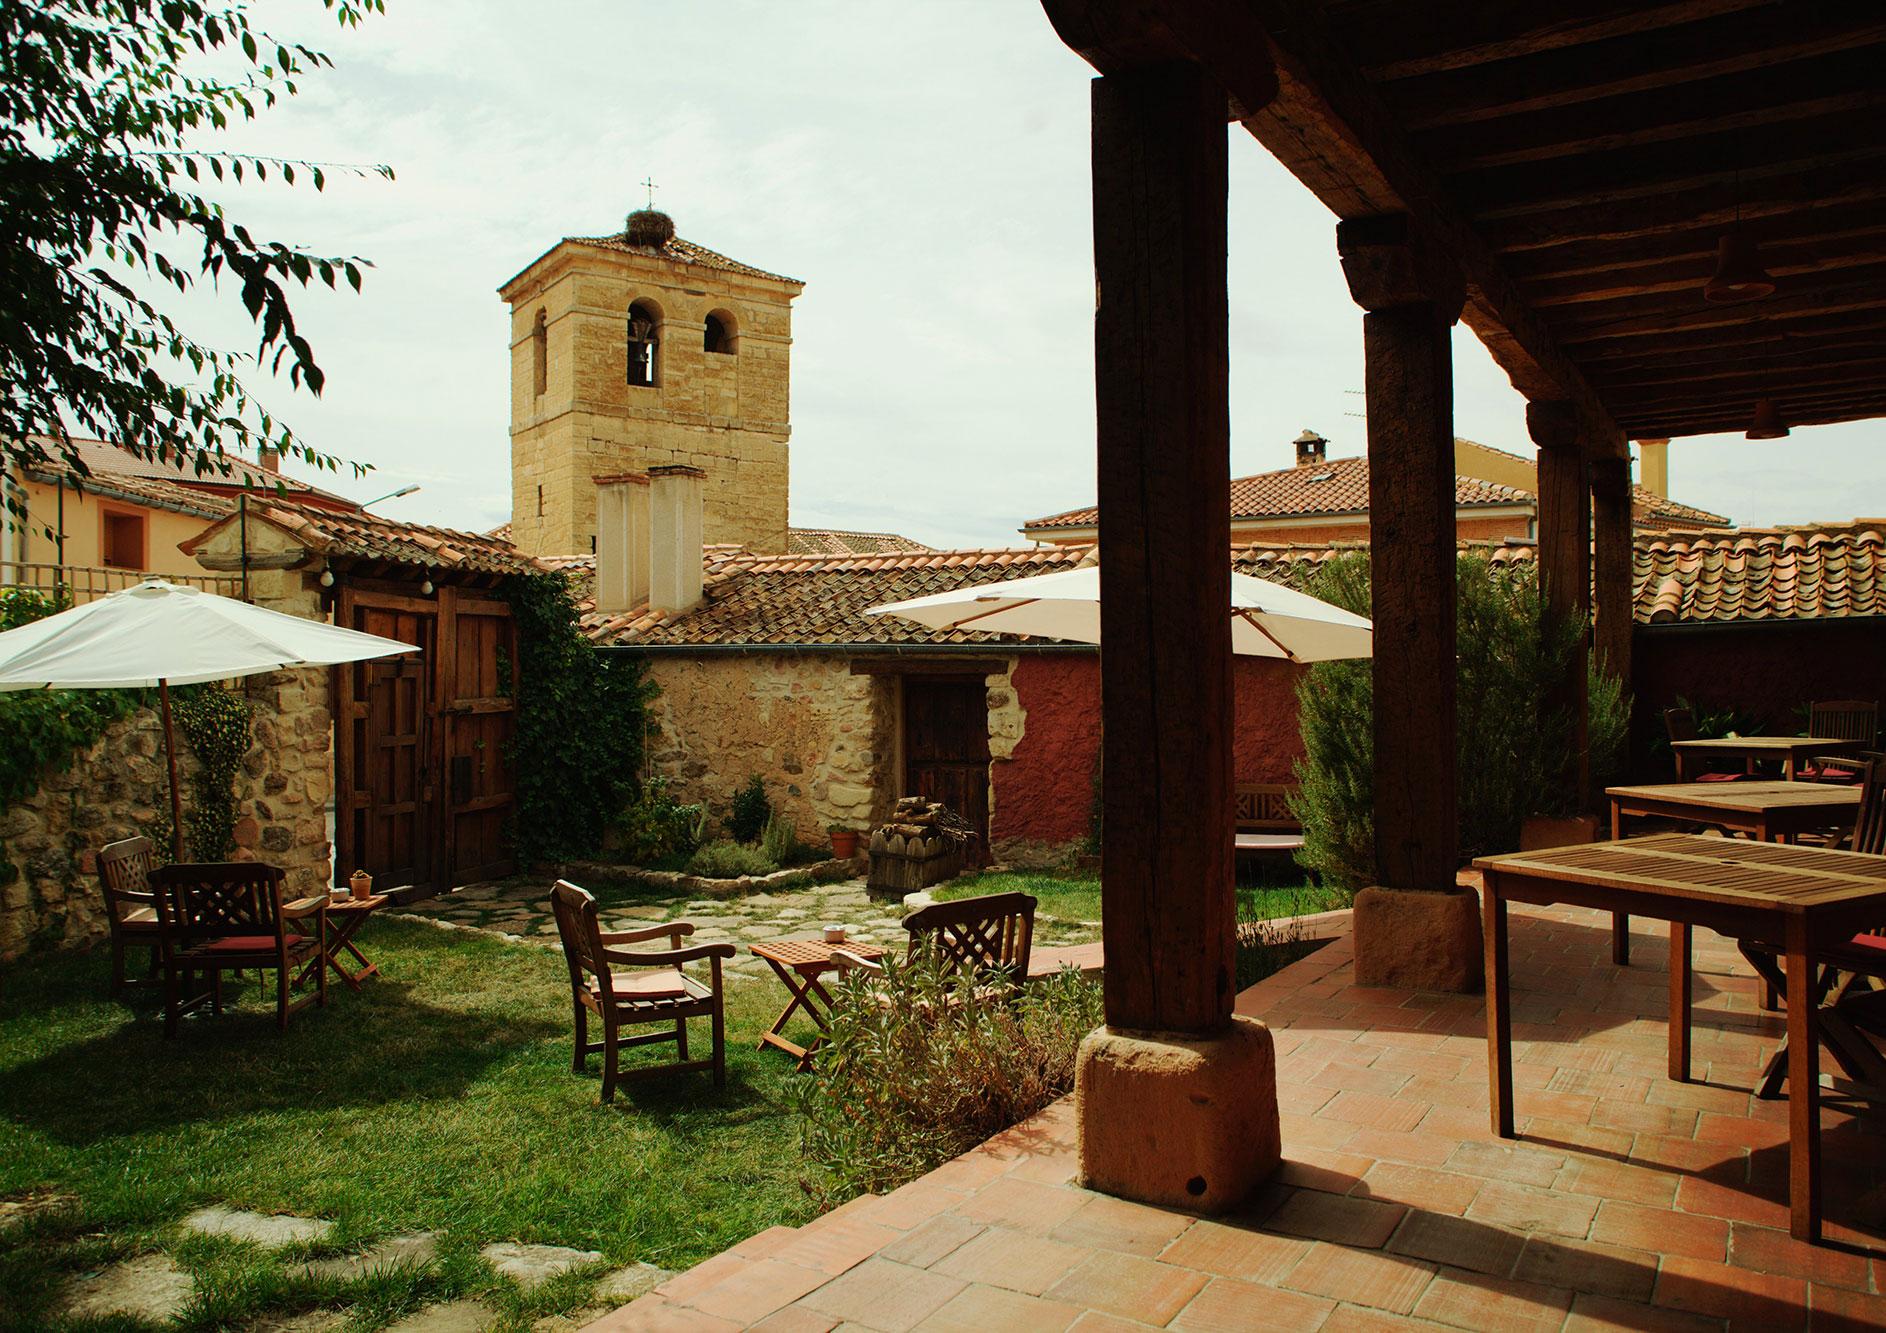 c47ba2faa13e7 Hotel Rural en Segovia -La Casona de Espirdo  A sólo 6 km de la capital